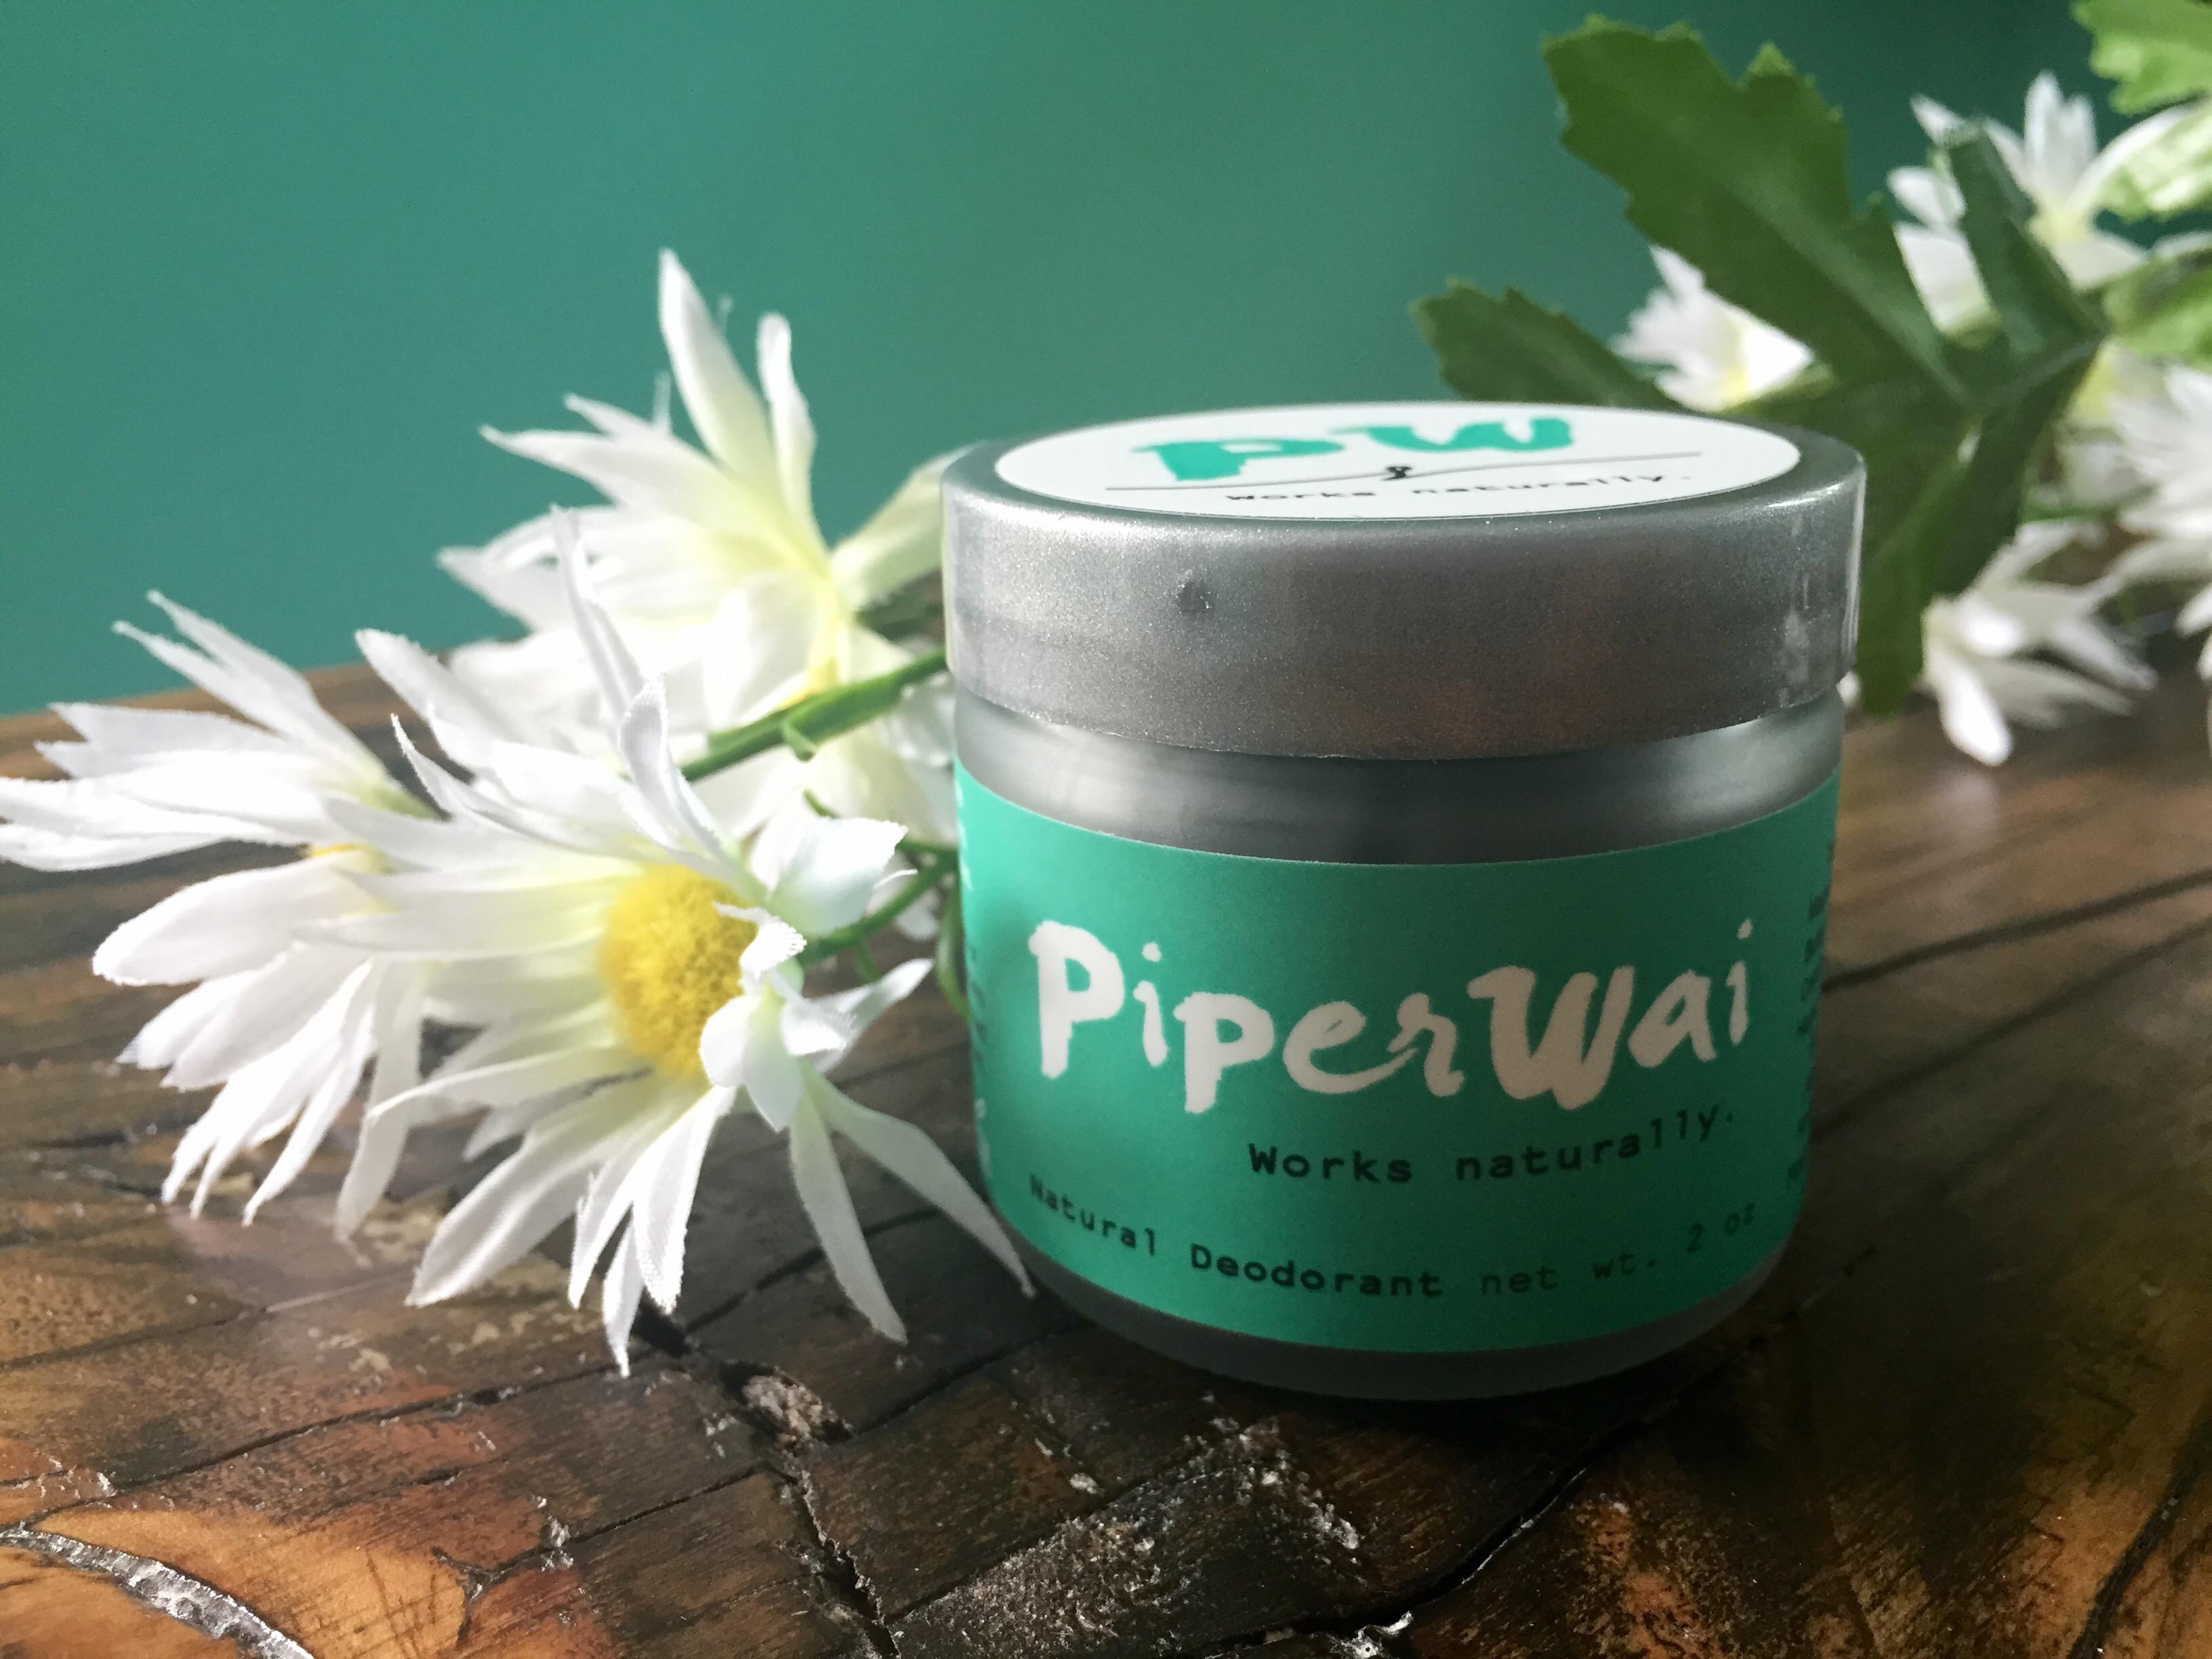 Womo-находка: натуральный дезодорант PiperWai